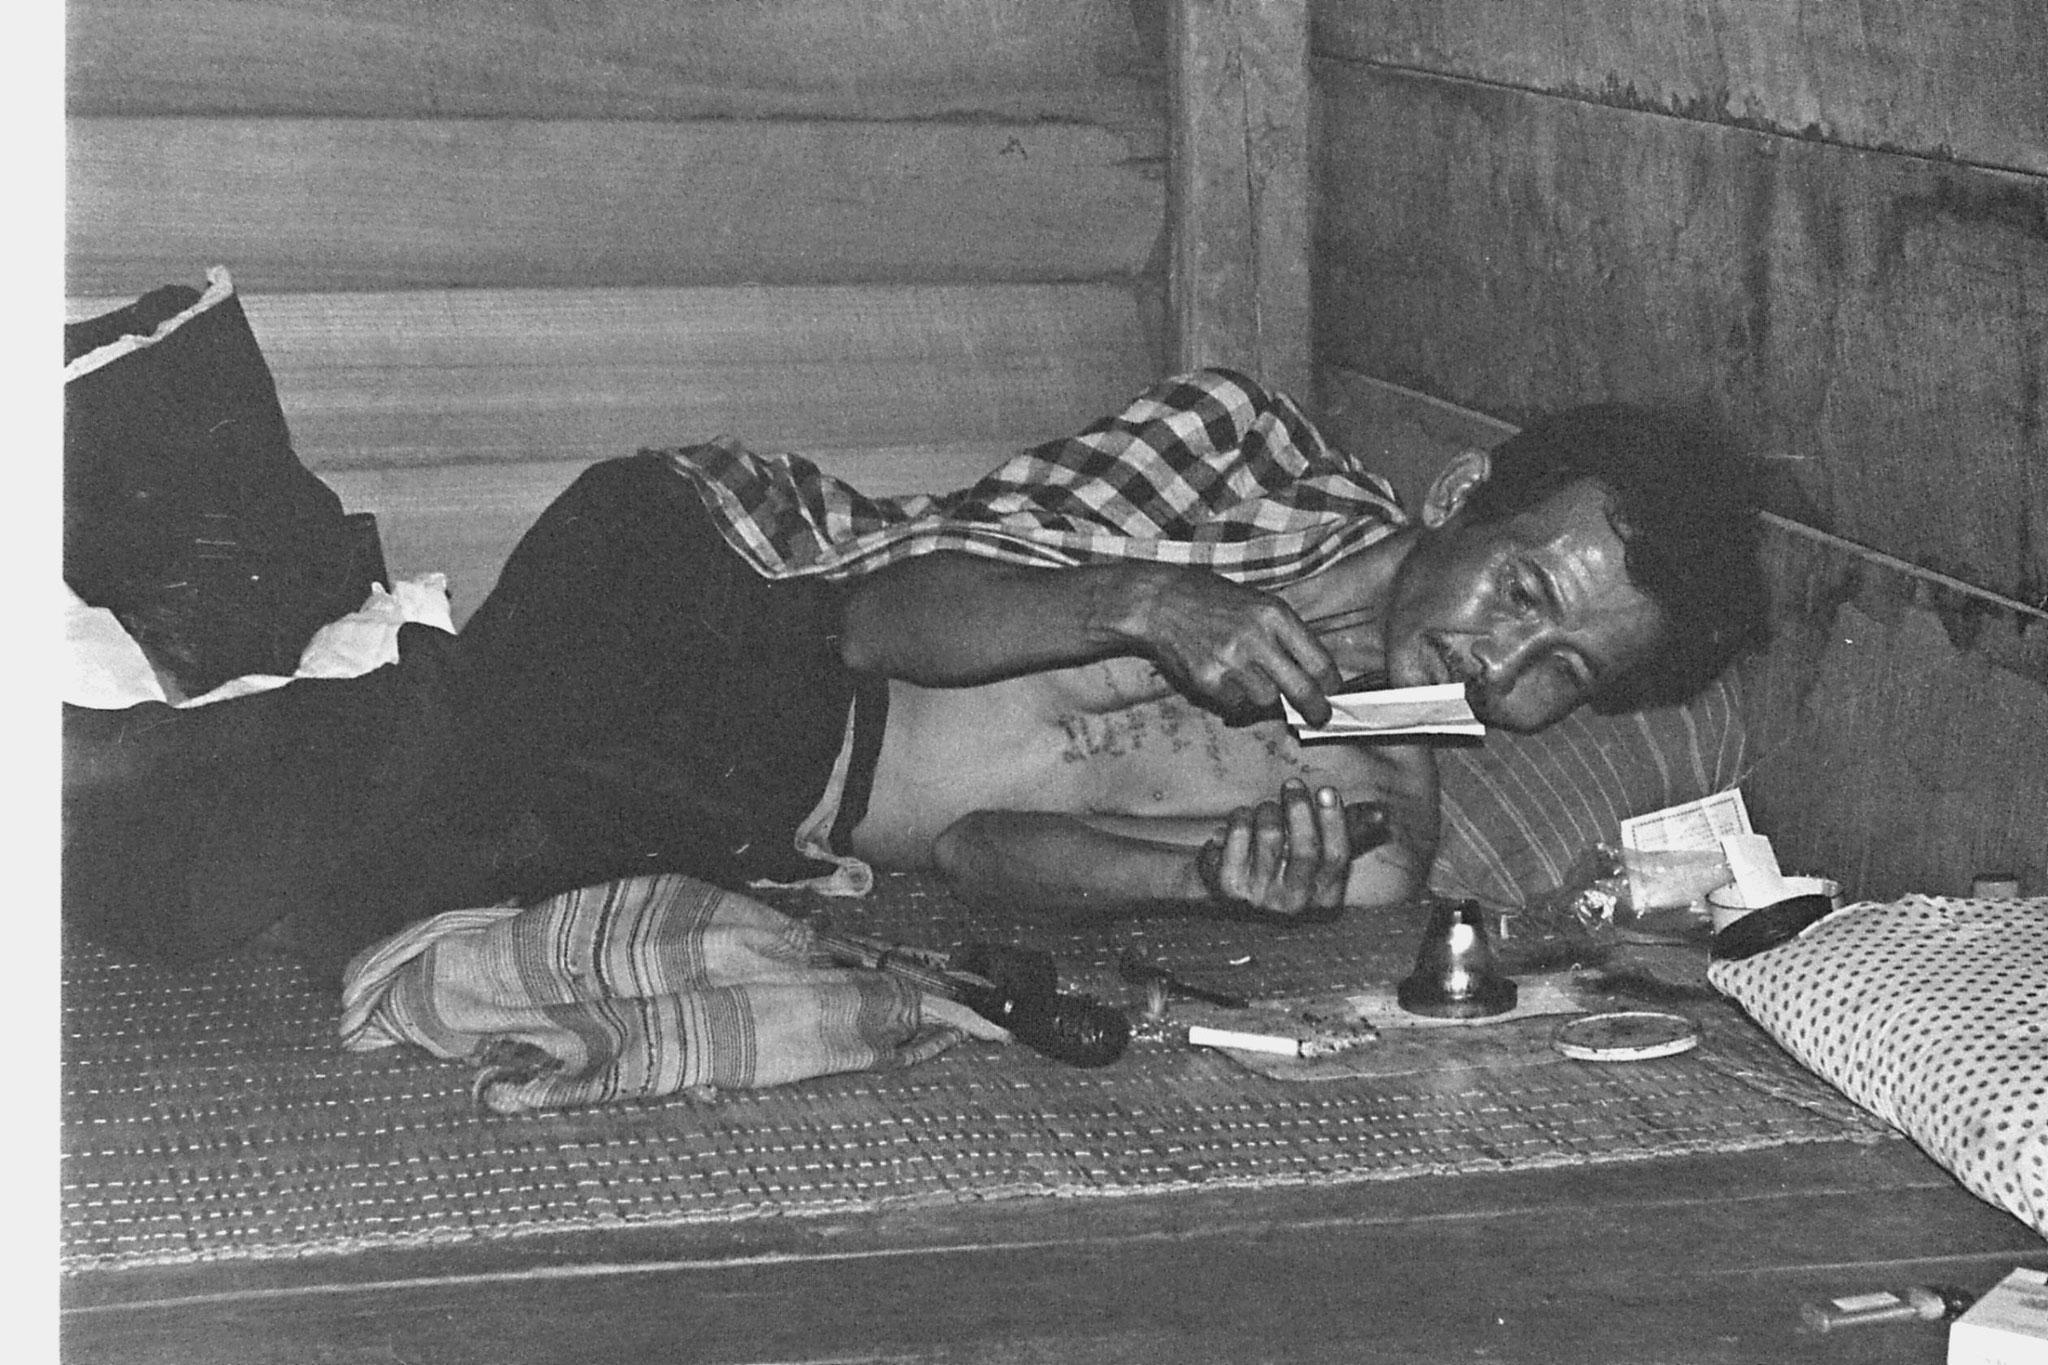 12/6/1990: 21: Hue Kom valley Koei village